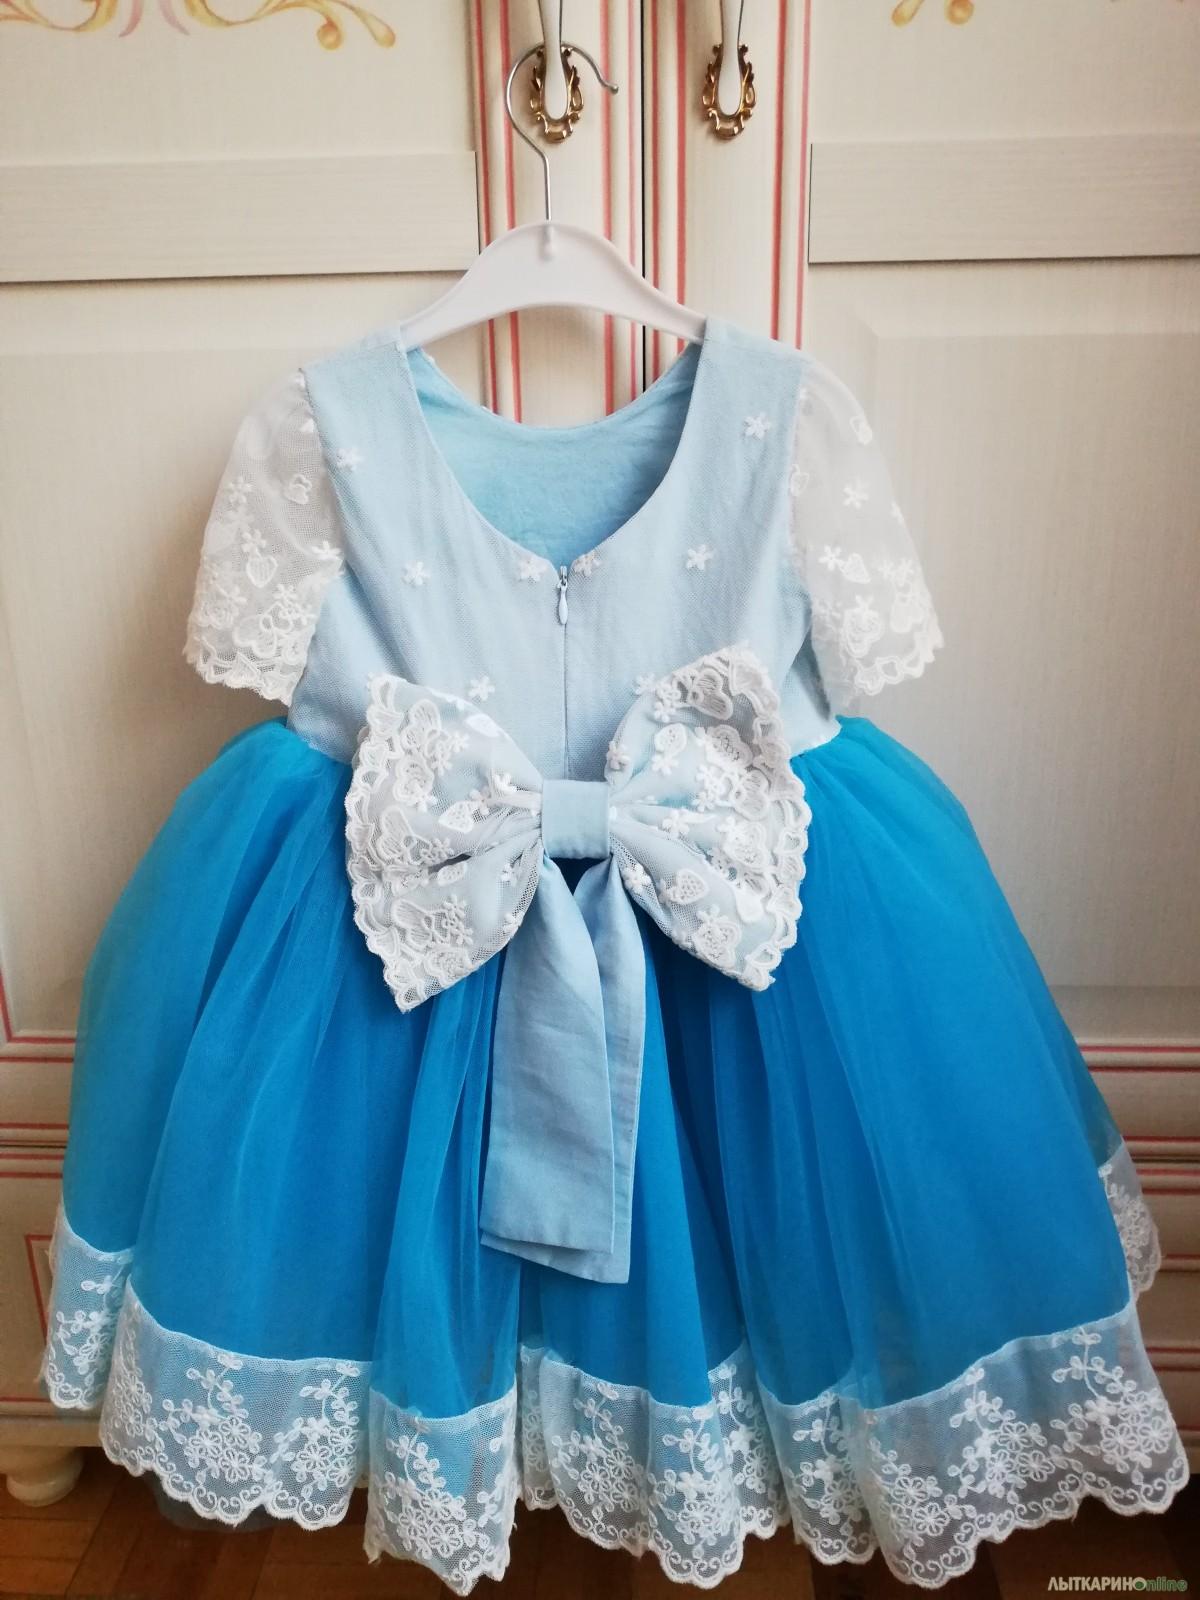 94b29b1a8df Праздничное детское платье   Одежда   Все объявления города Лыткарино